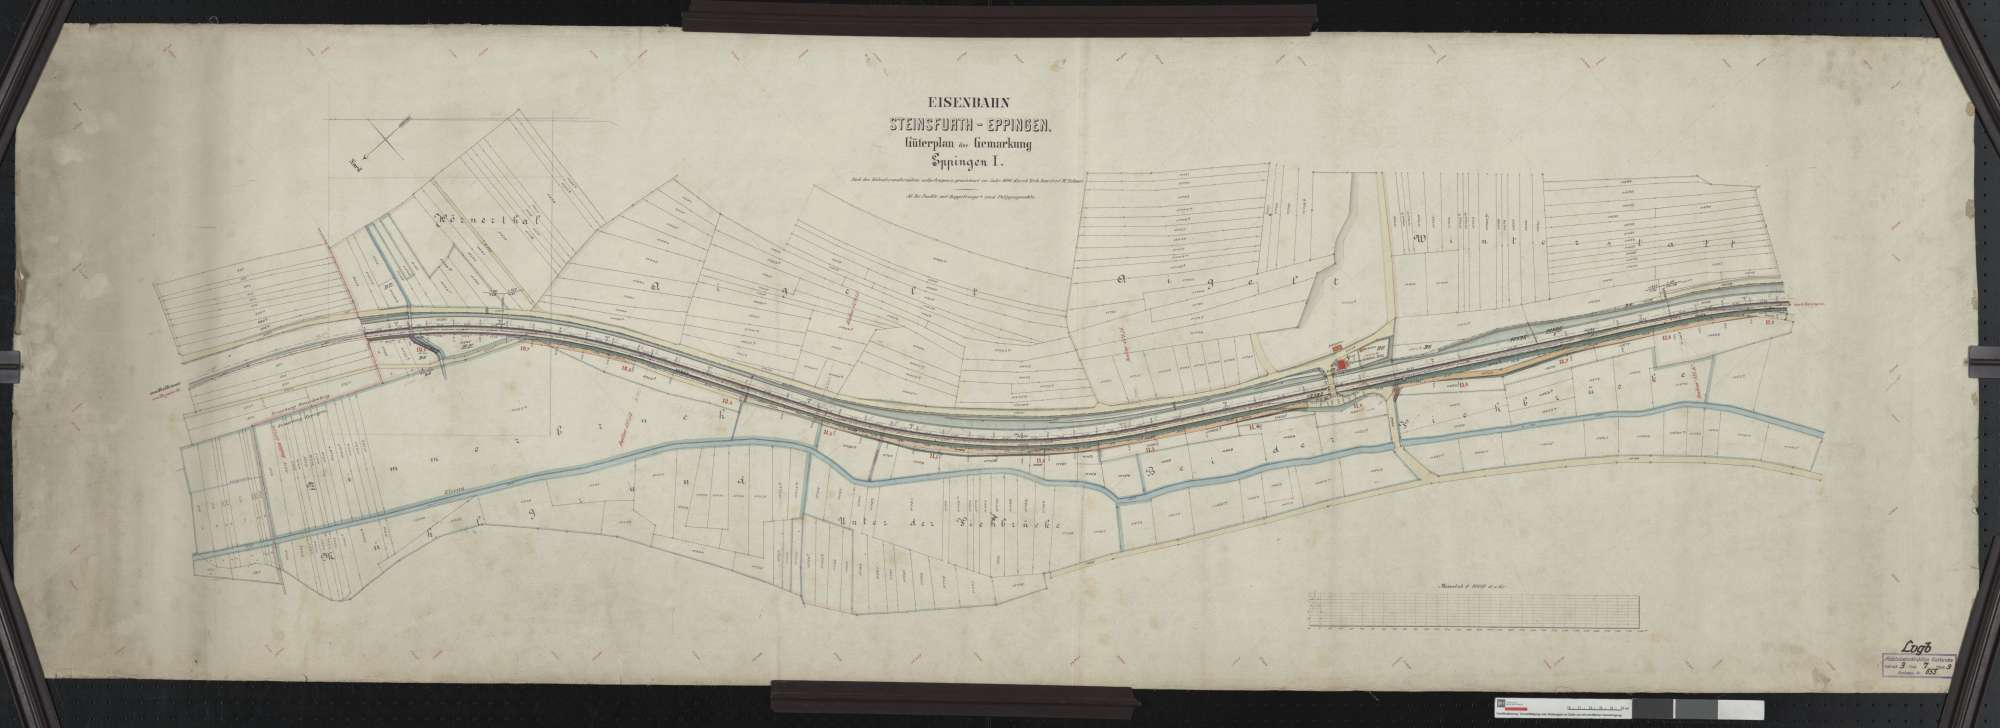 Güterplan der Bahn von Steinsfurt bis Eppingen: Gemarkung Eppingen Streckenausschnitt: 10,6 bis 11,9 km, Bild 1